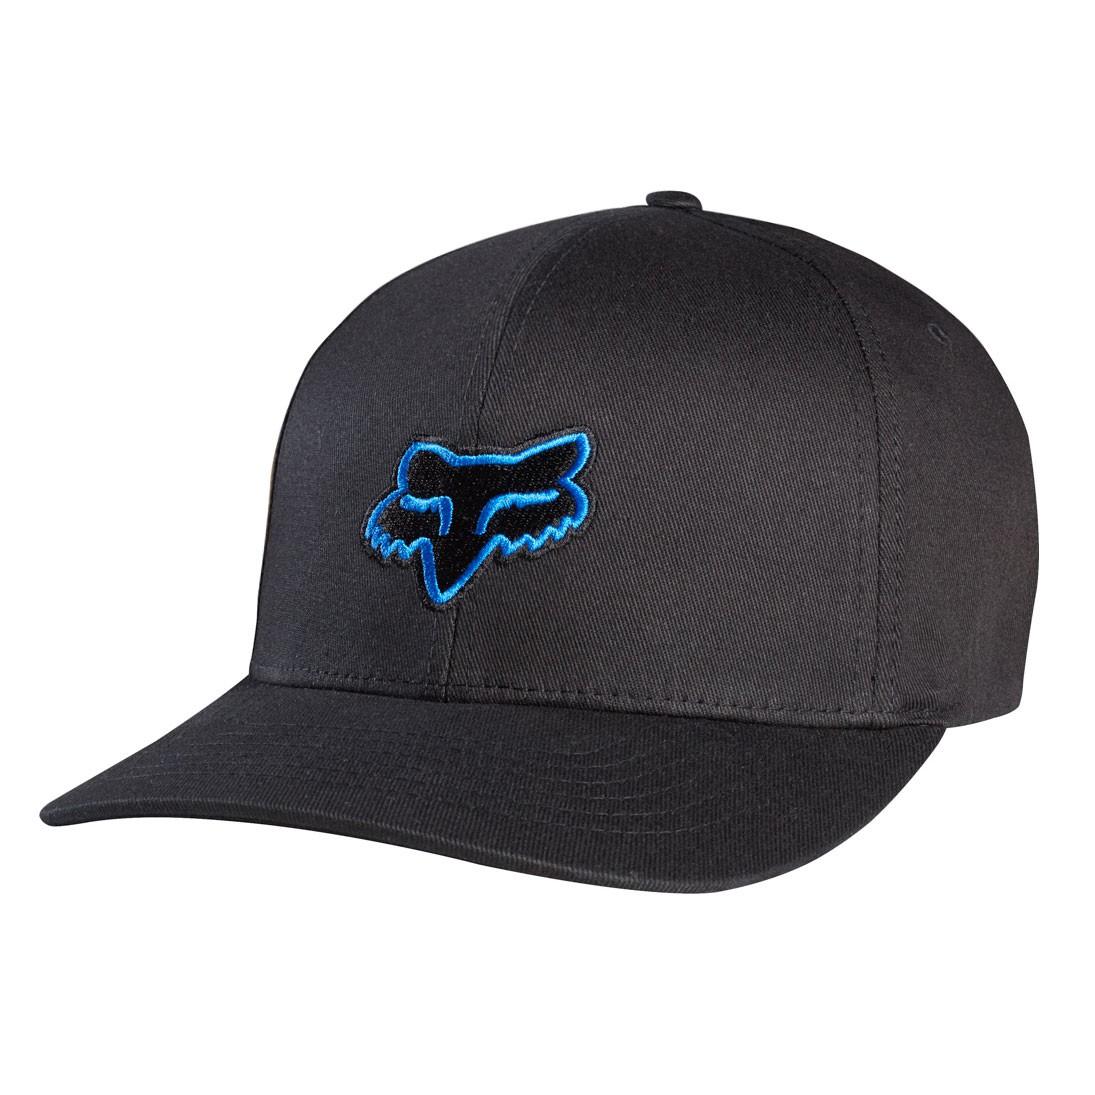 Kšiltovka Fox Legacy Flexfit black/blue vel.S/M 17 + doručení do 24 hodin